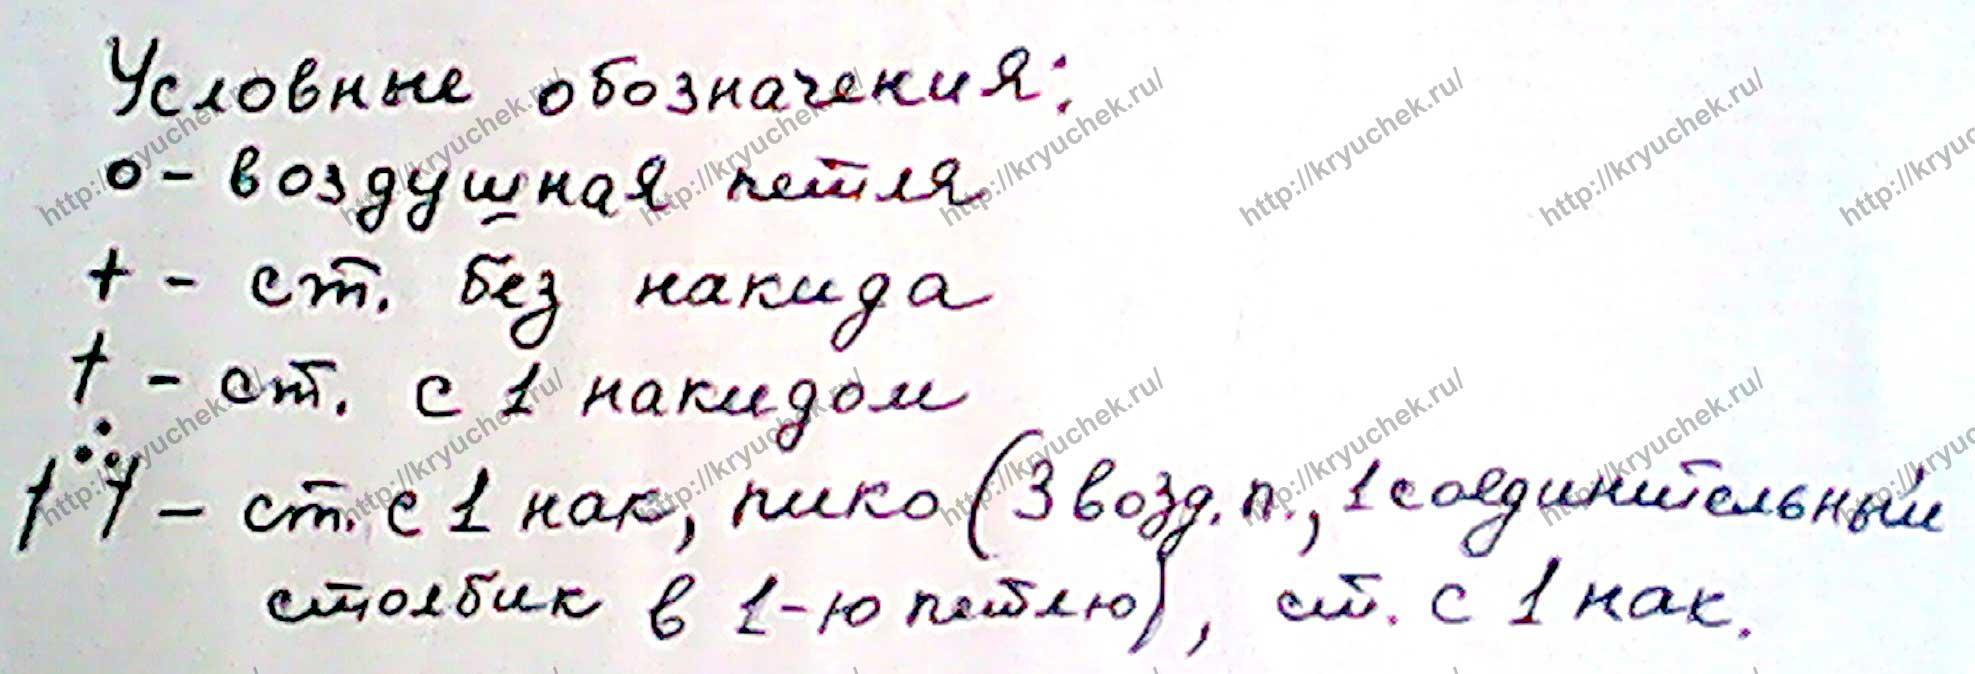 Условные обозначения к схемам вязания желтого жакета